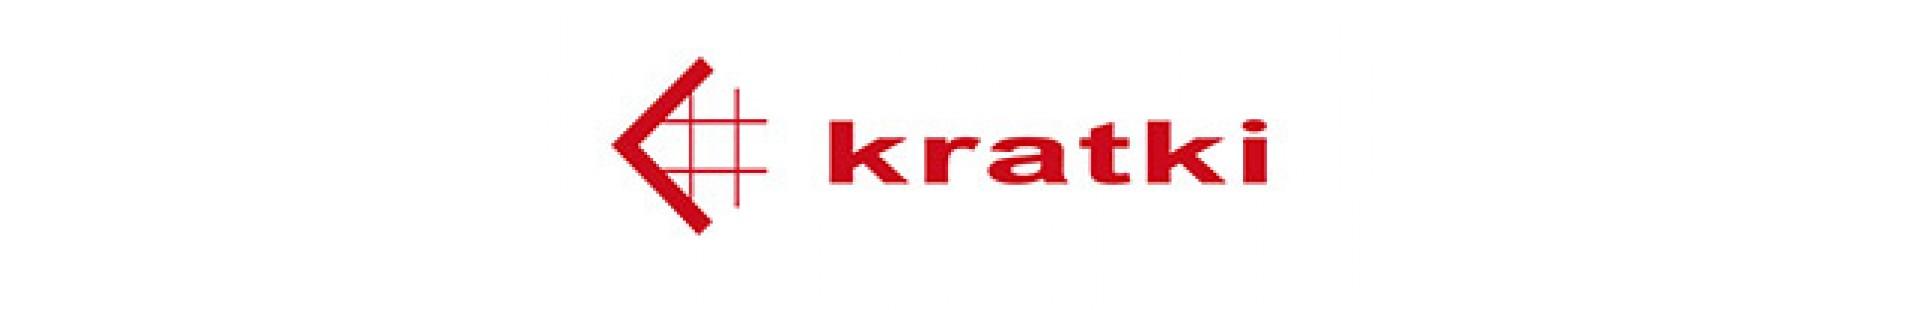 Бренд Kratki (Польша)